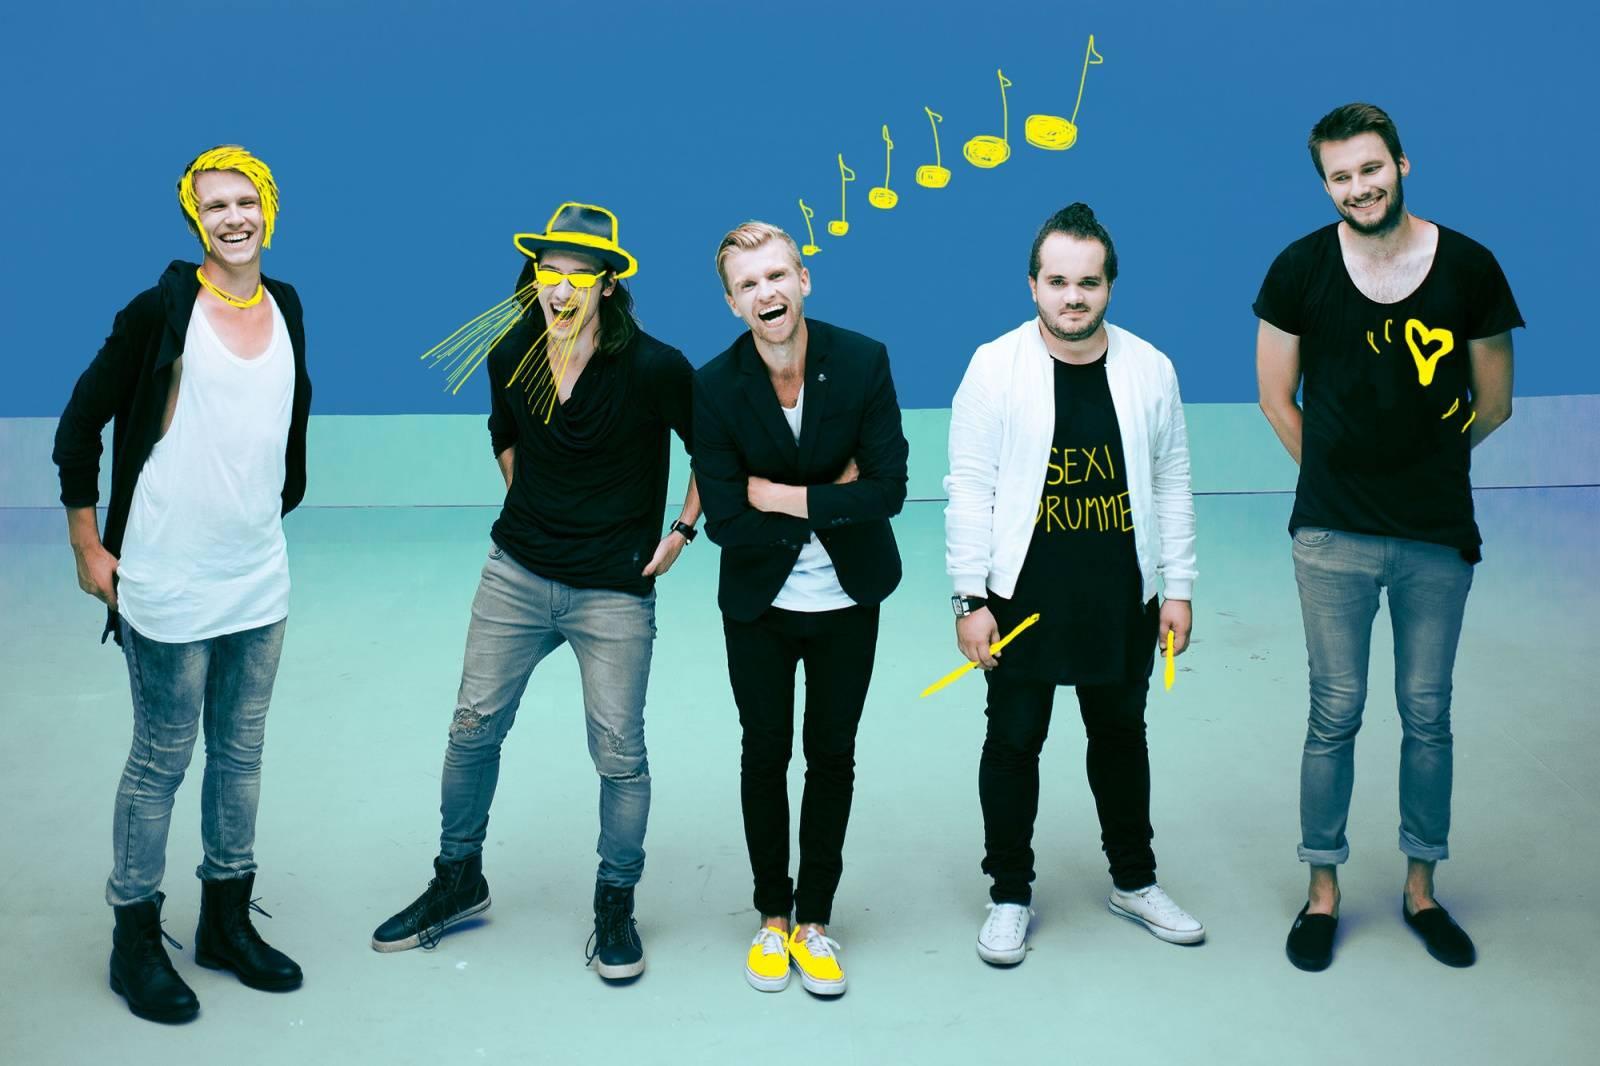 Víme první: Ewa Farna, Support Lesbiens a Nebe vyrazí na společné turné. Přijedou i k vám?